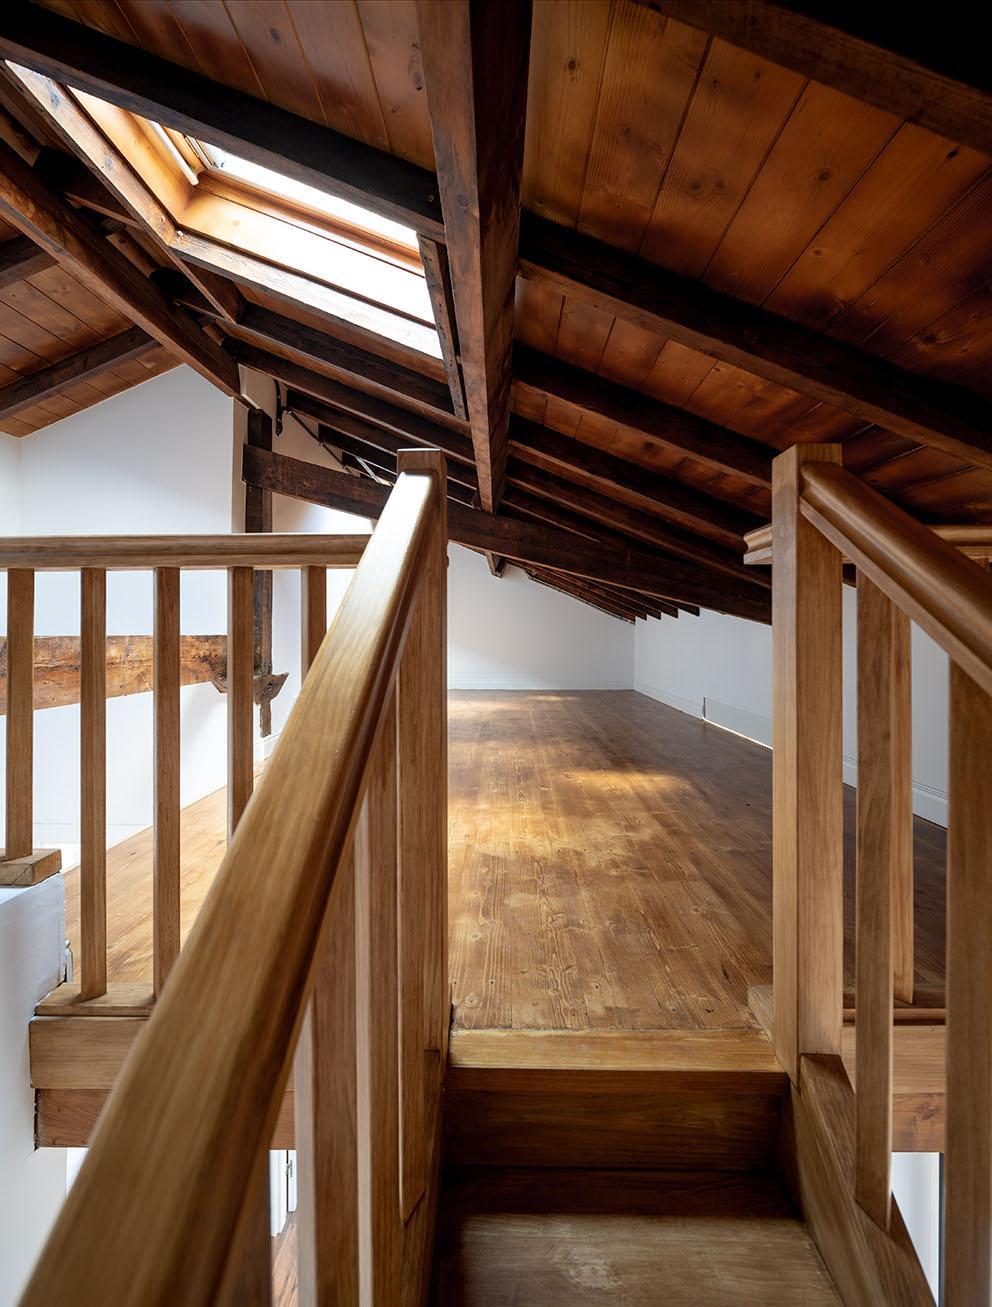 Imagen del desván, Fotografía de arquitectura - Reportaje fotográfico de vivienda en Getxo